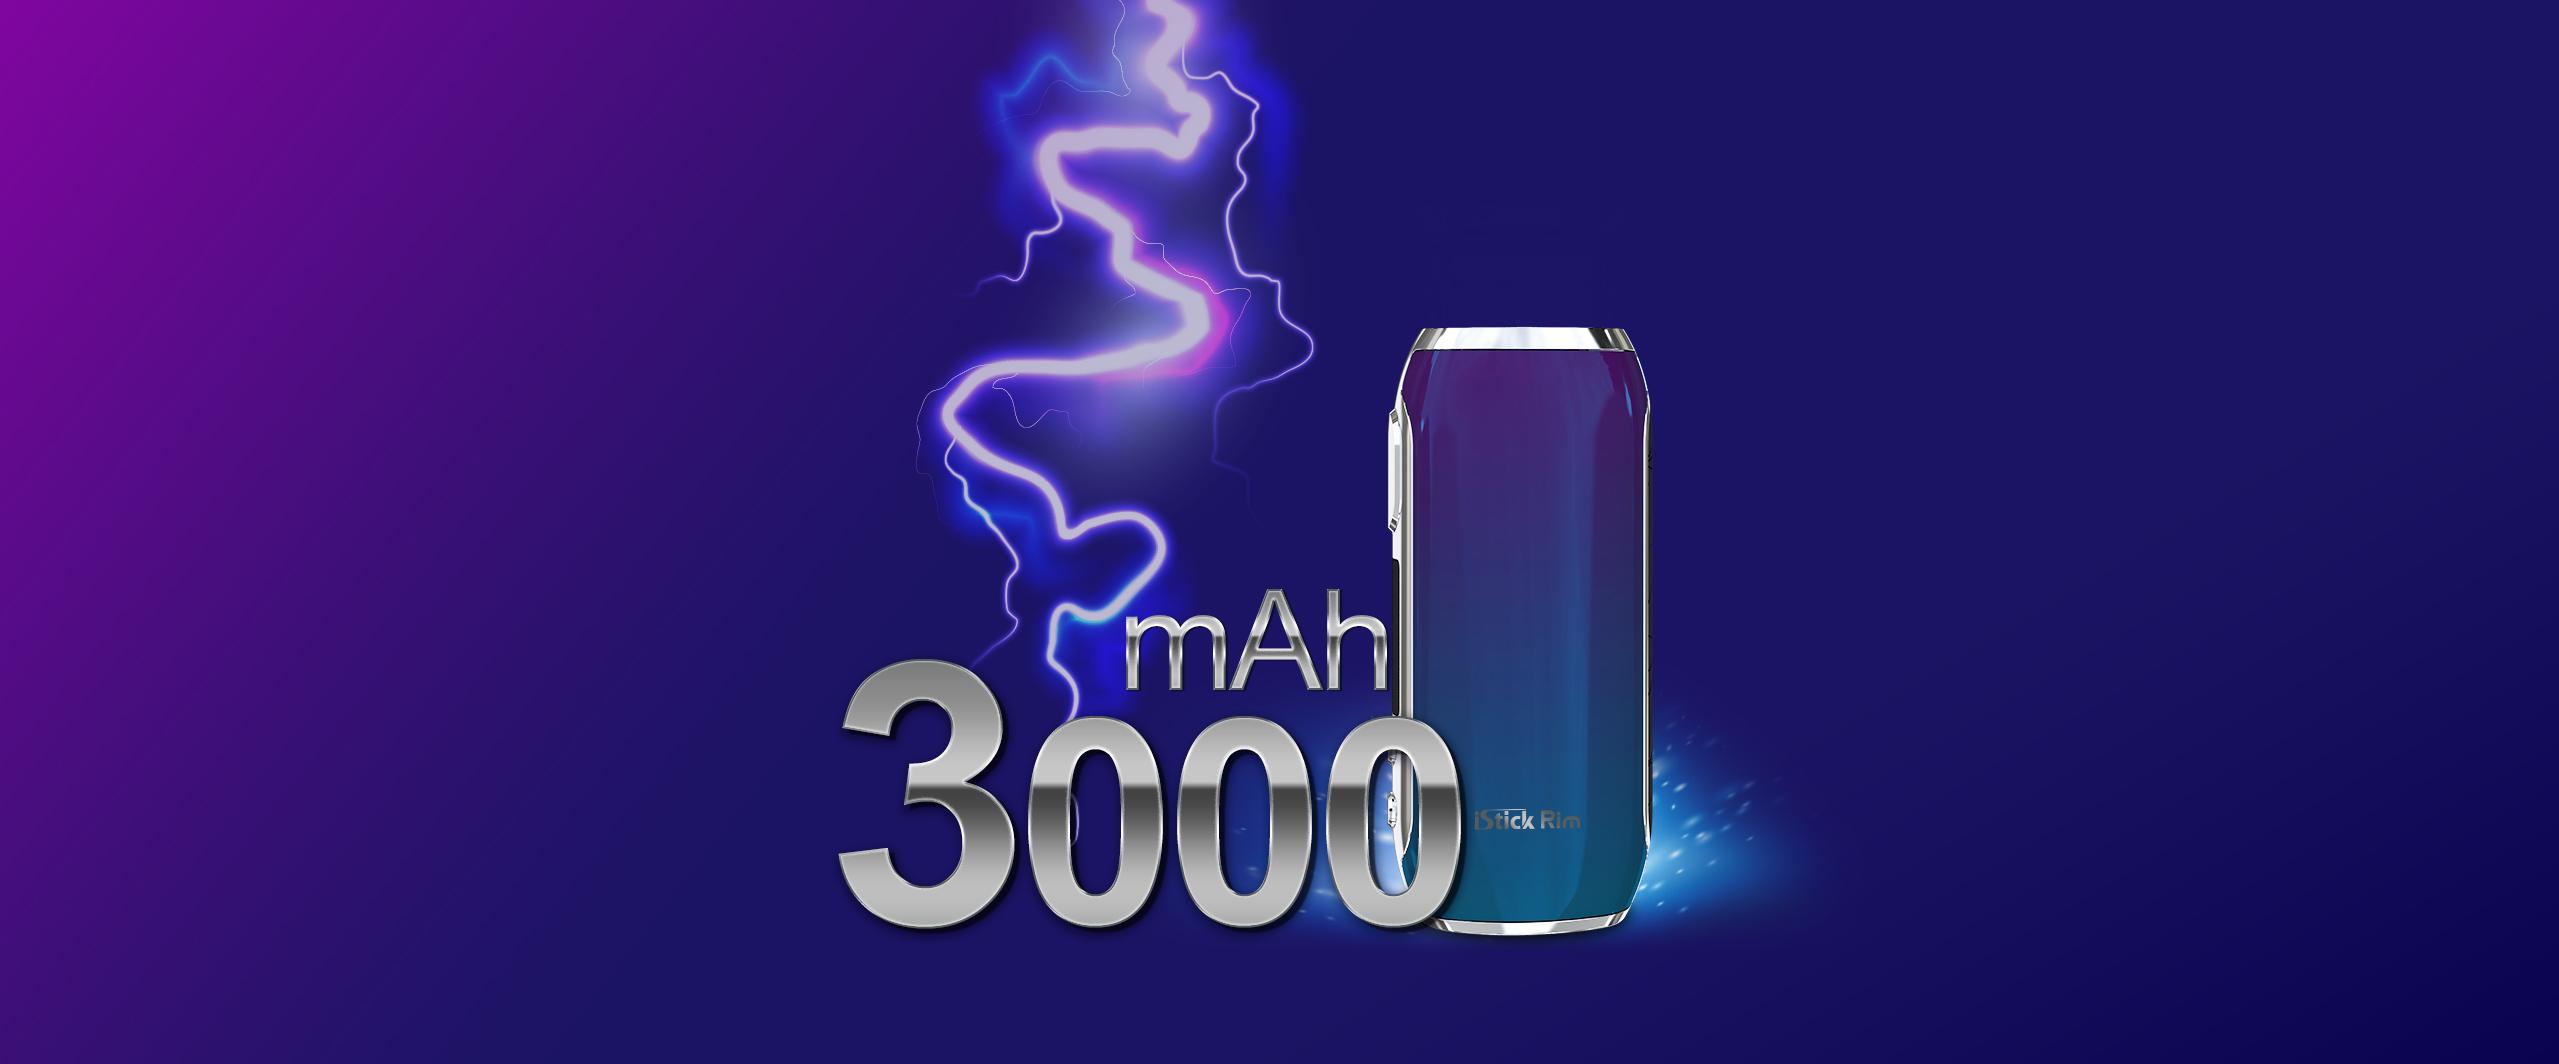 3000 mAh